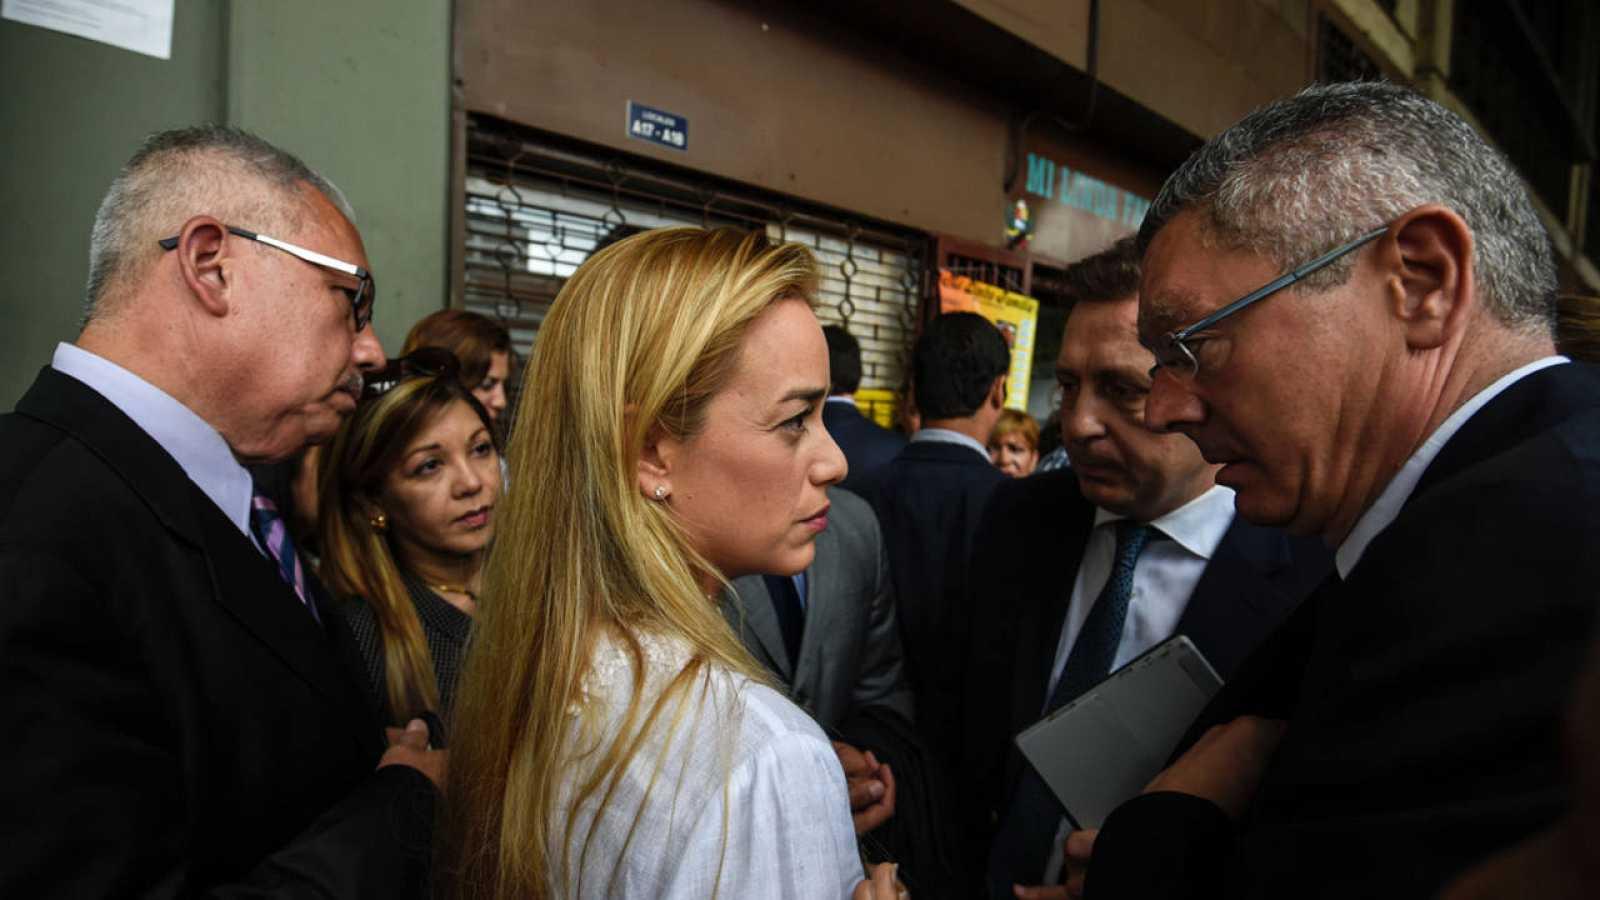 El exministro de Justicia Alberto Ruiz Gallardón (d) junto a la mujer del opositor Leopoldo López, Lilian Tintori (c)